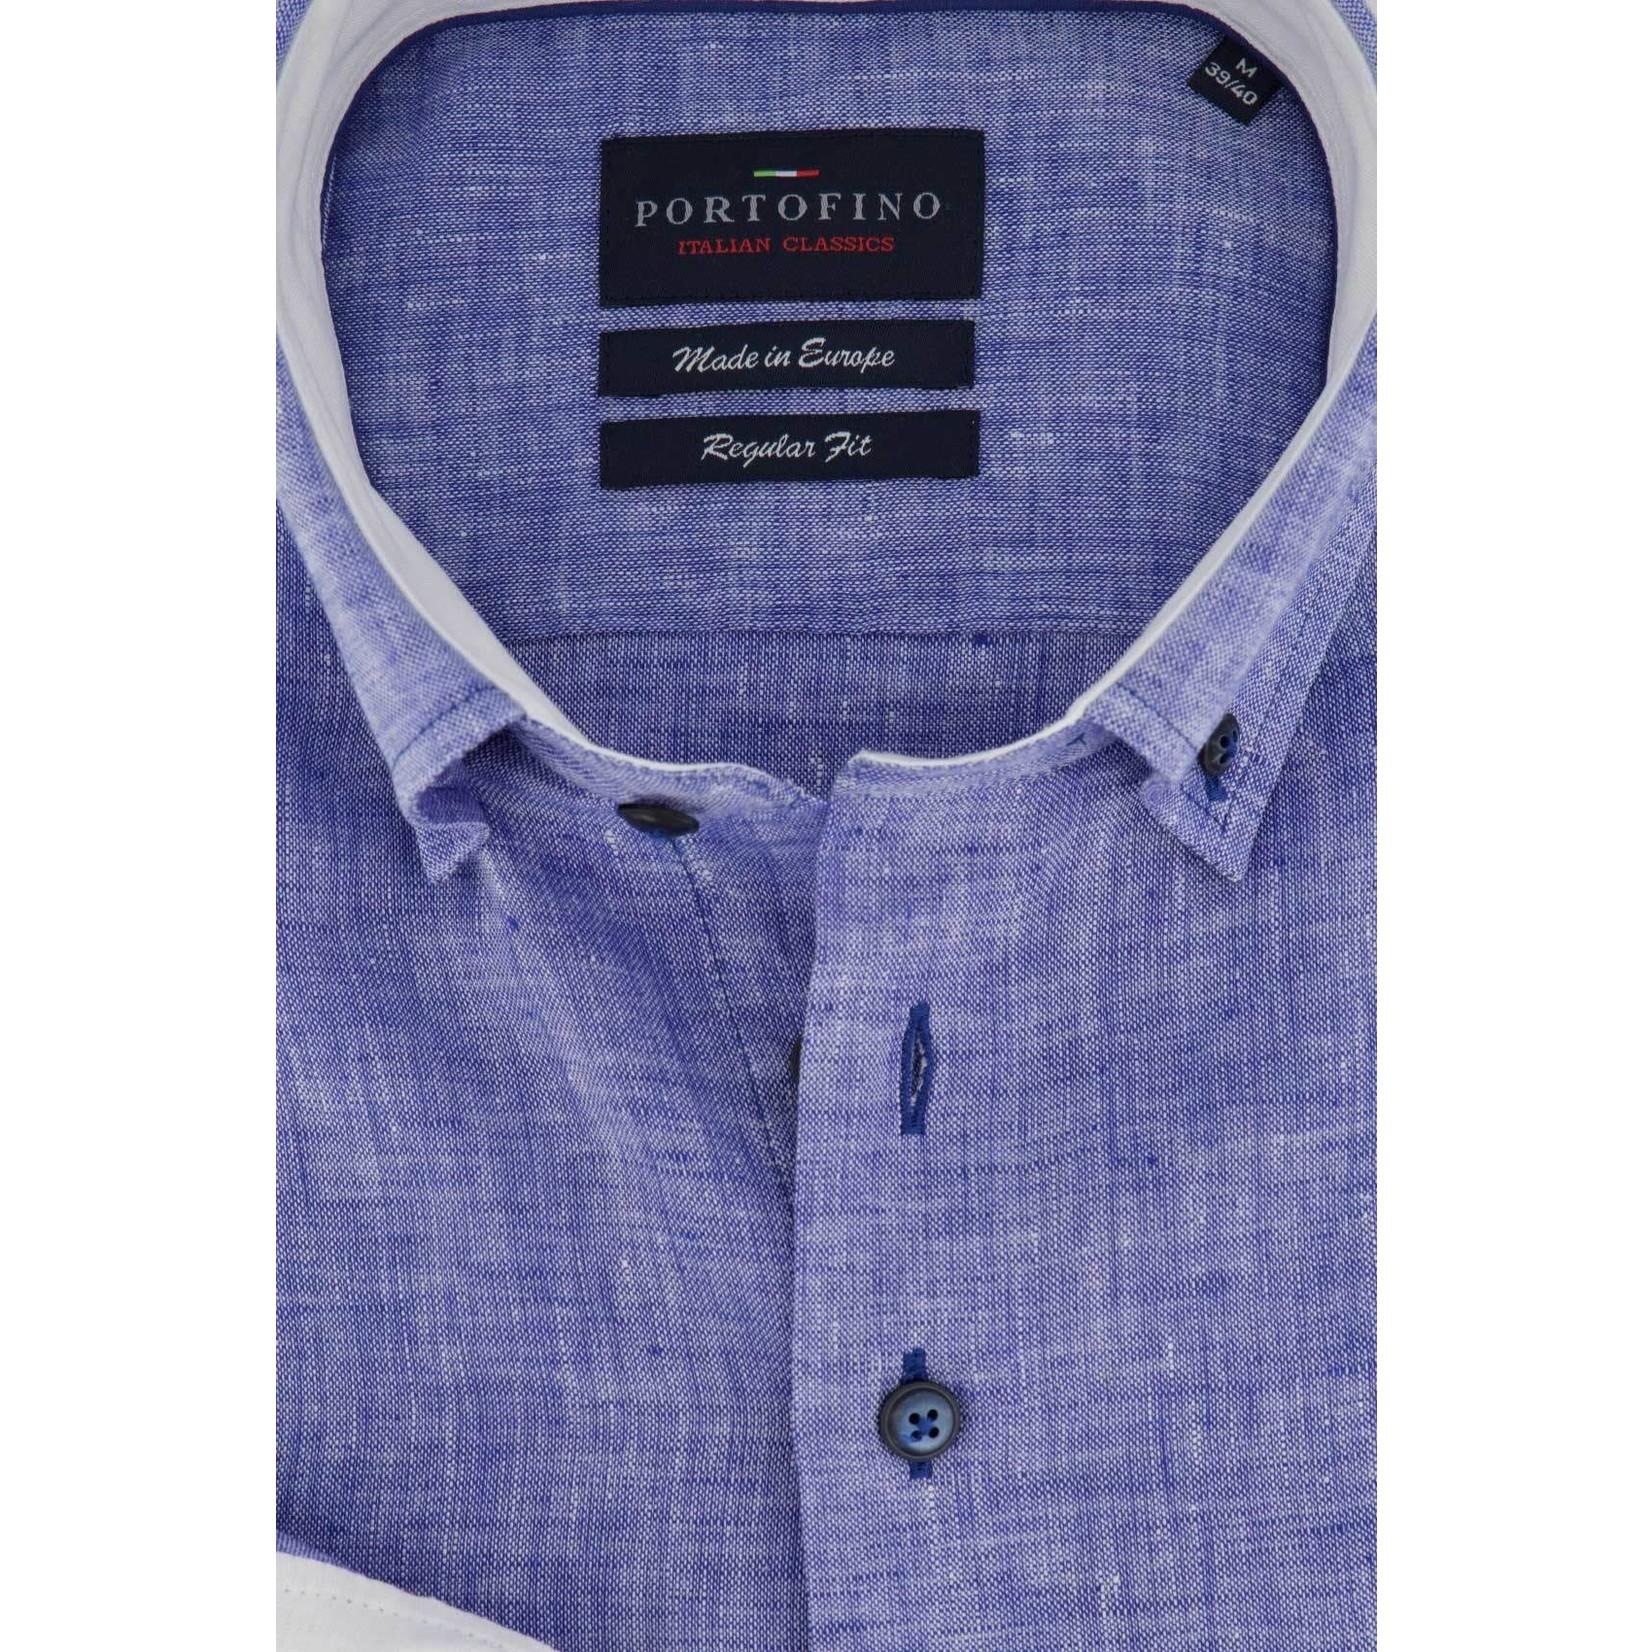 Portofino regular fit overhemd blauw linnen